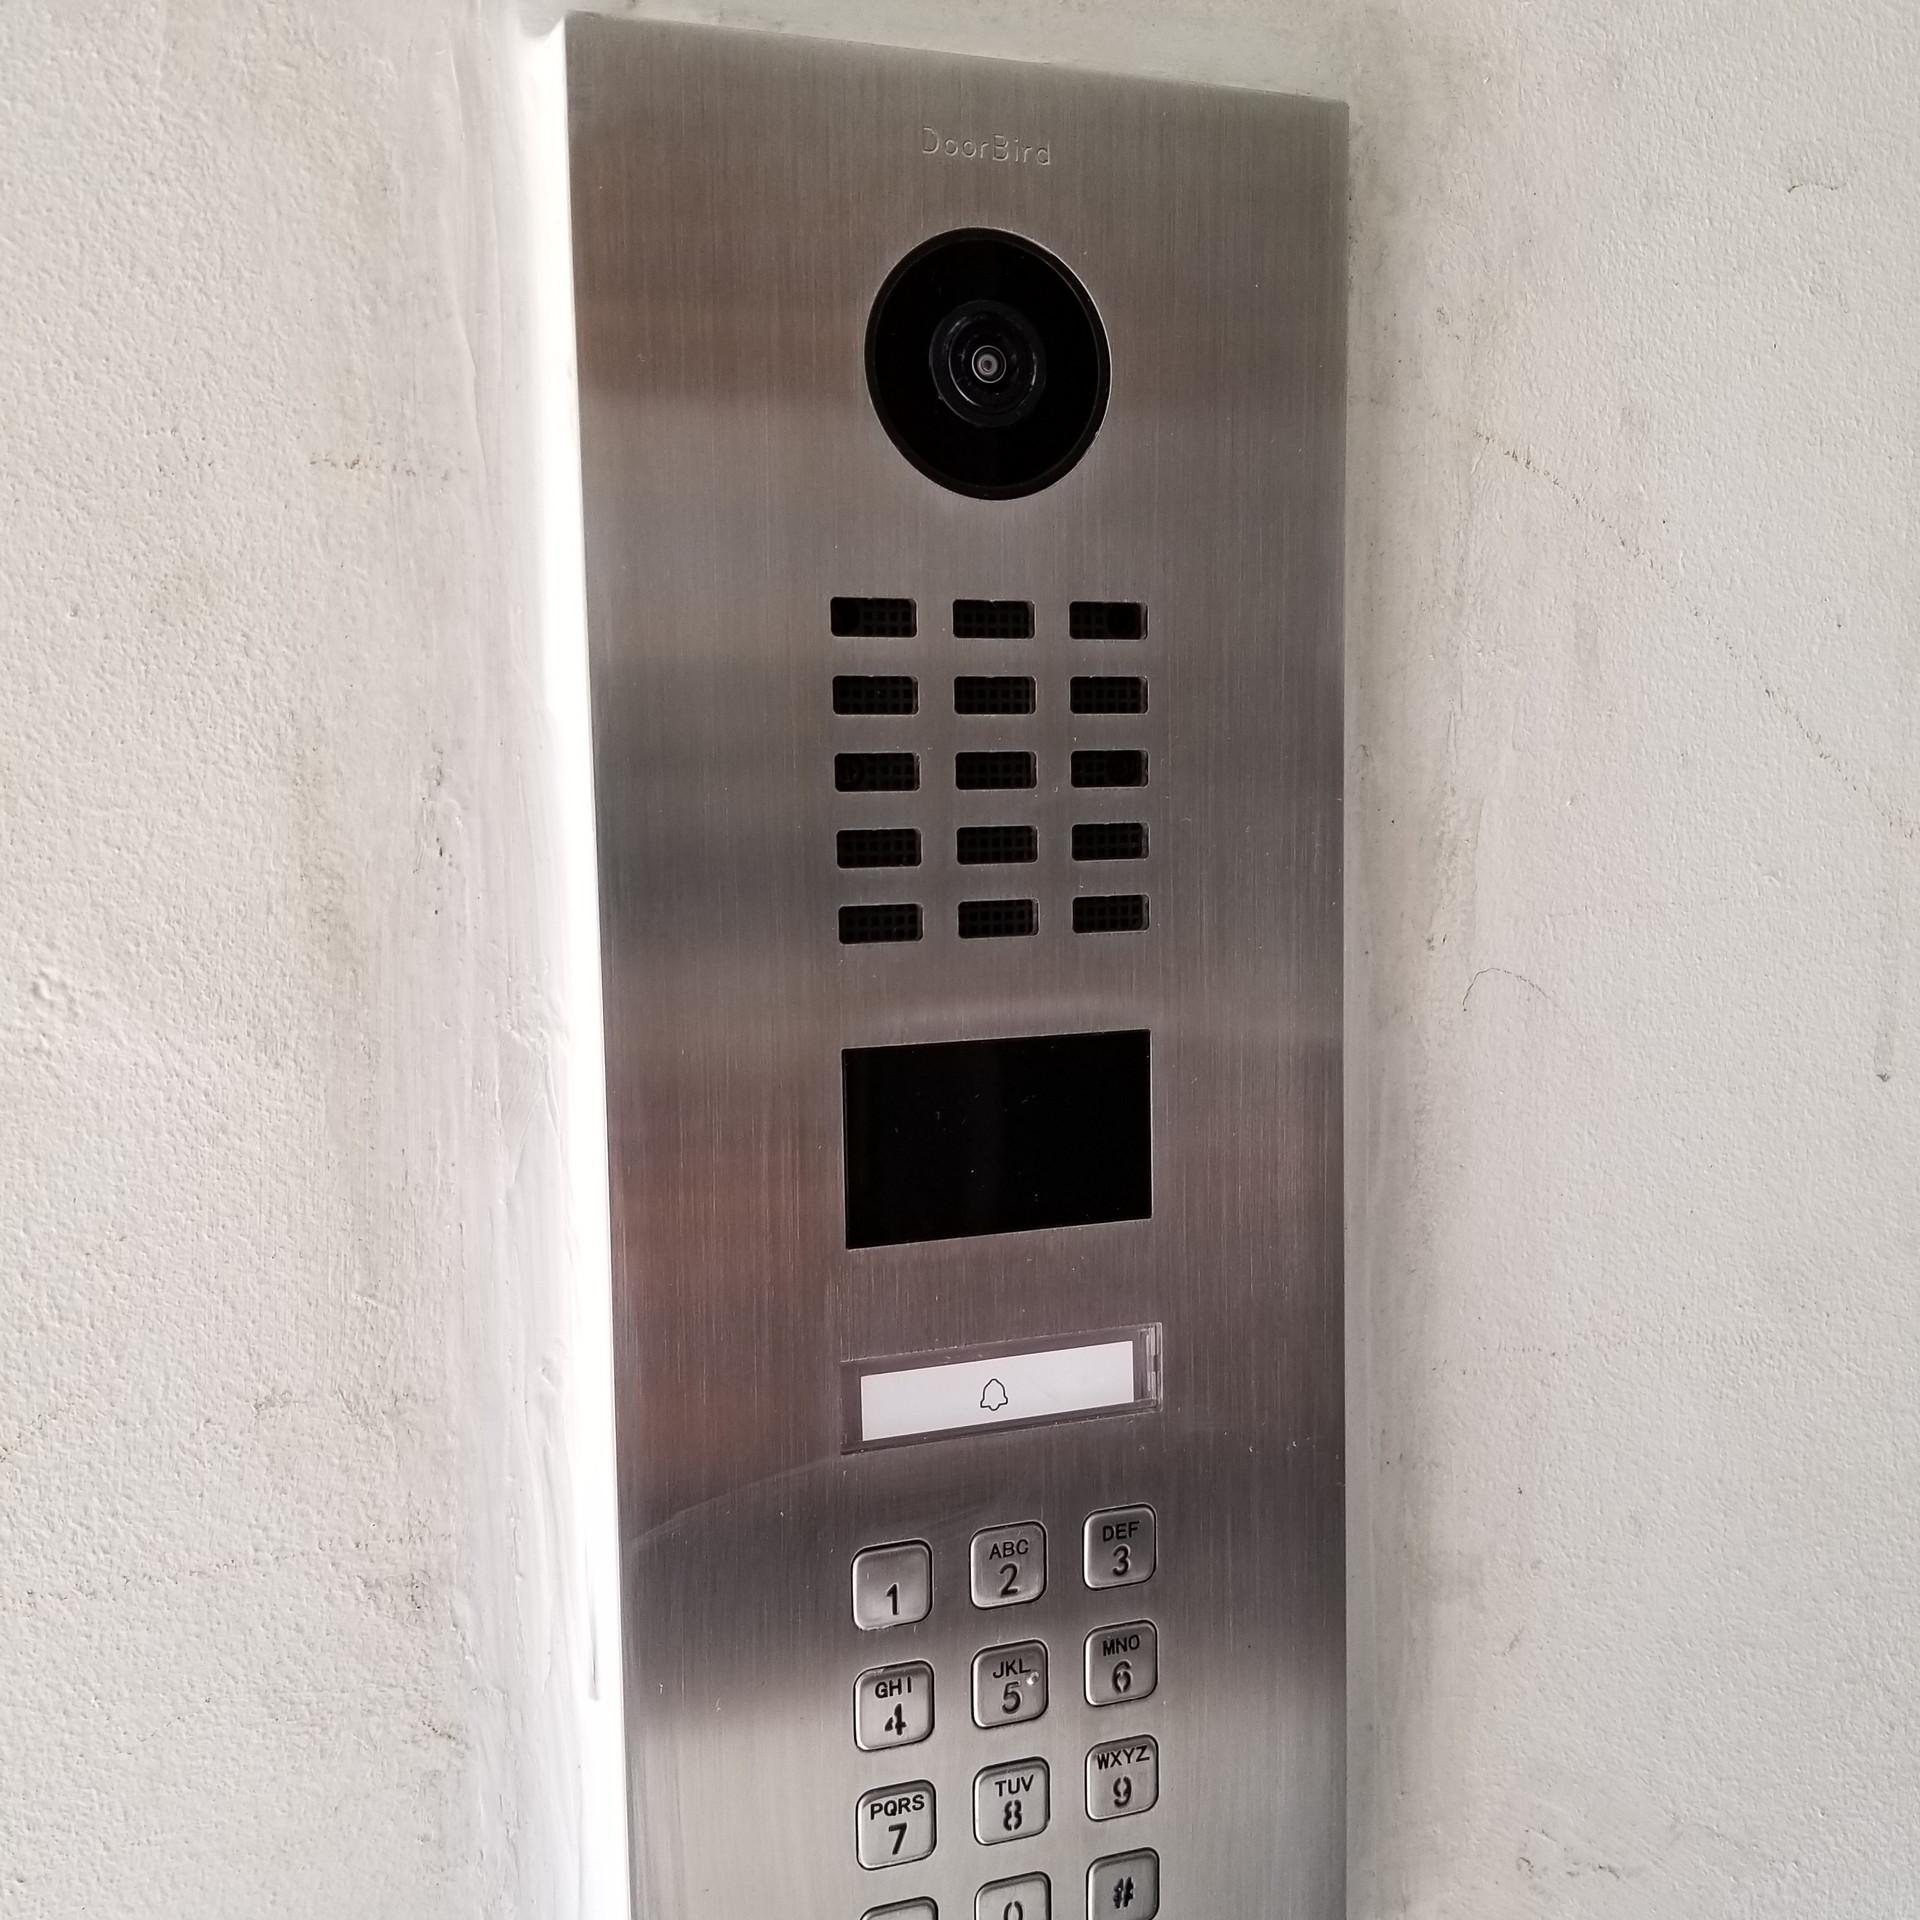 Intercom - DoorBird